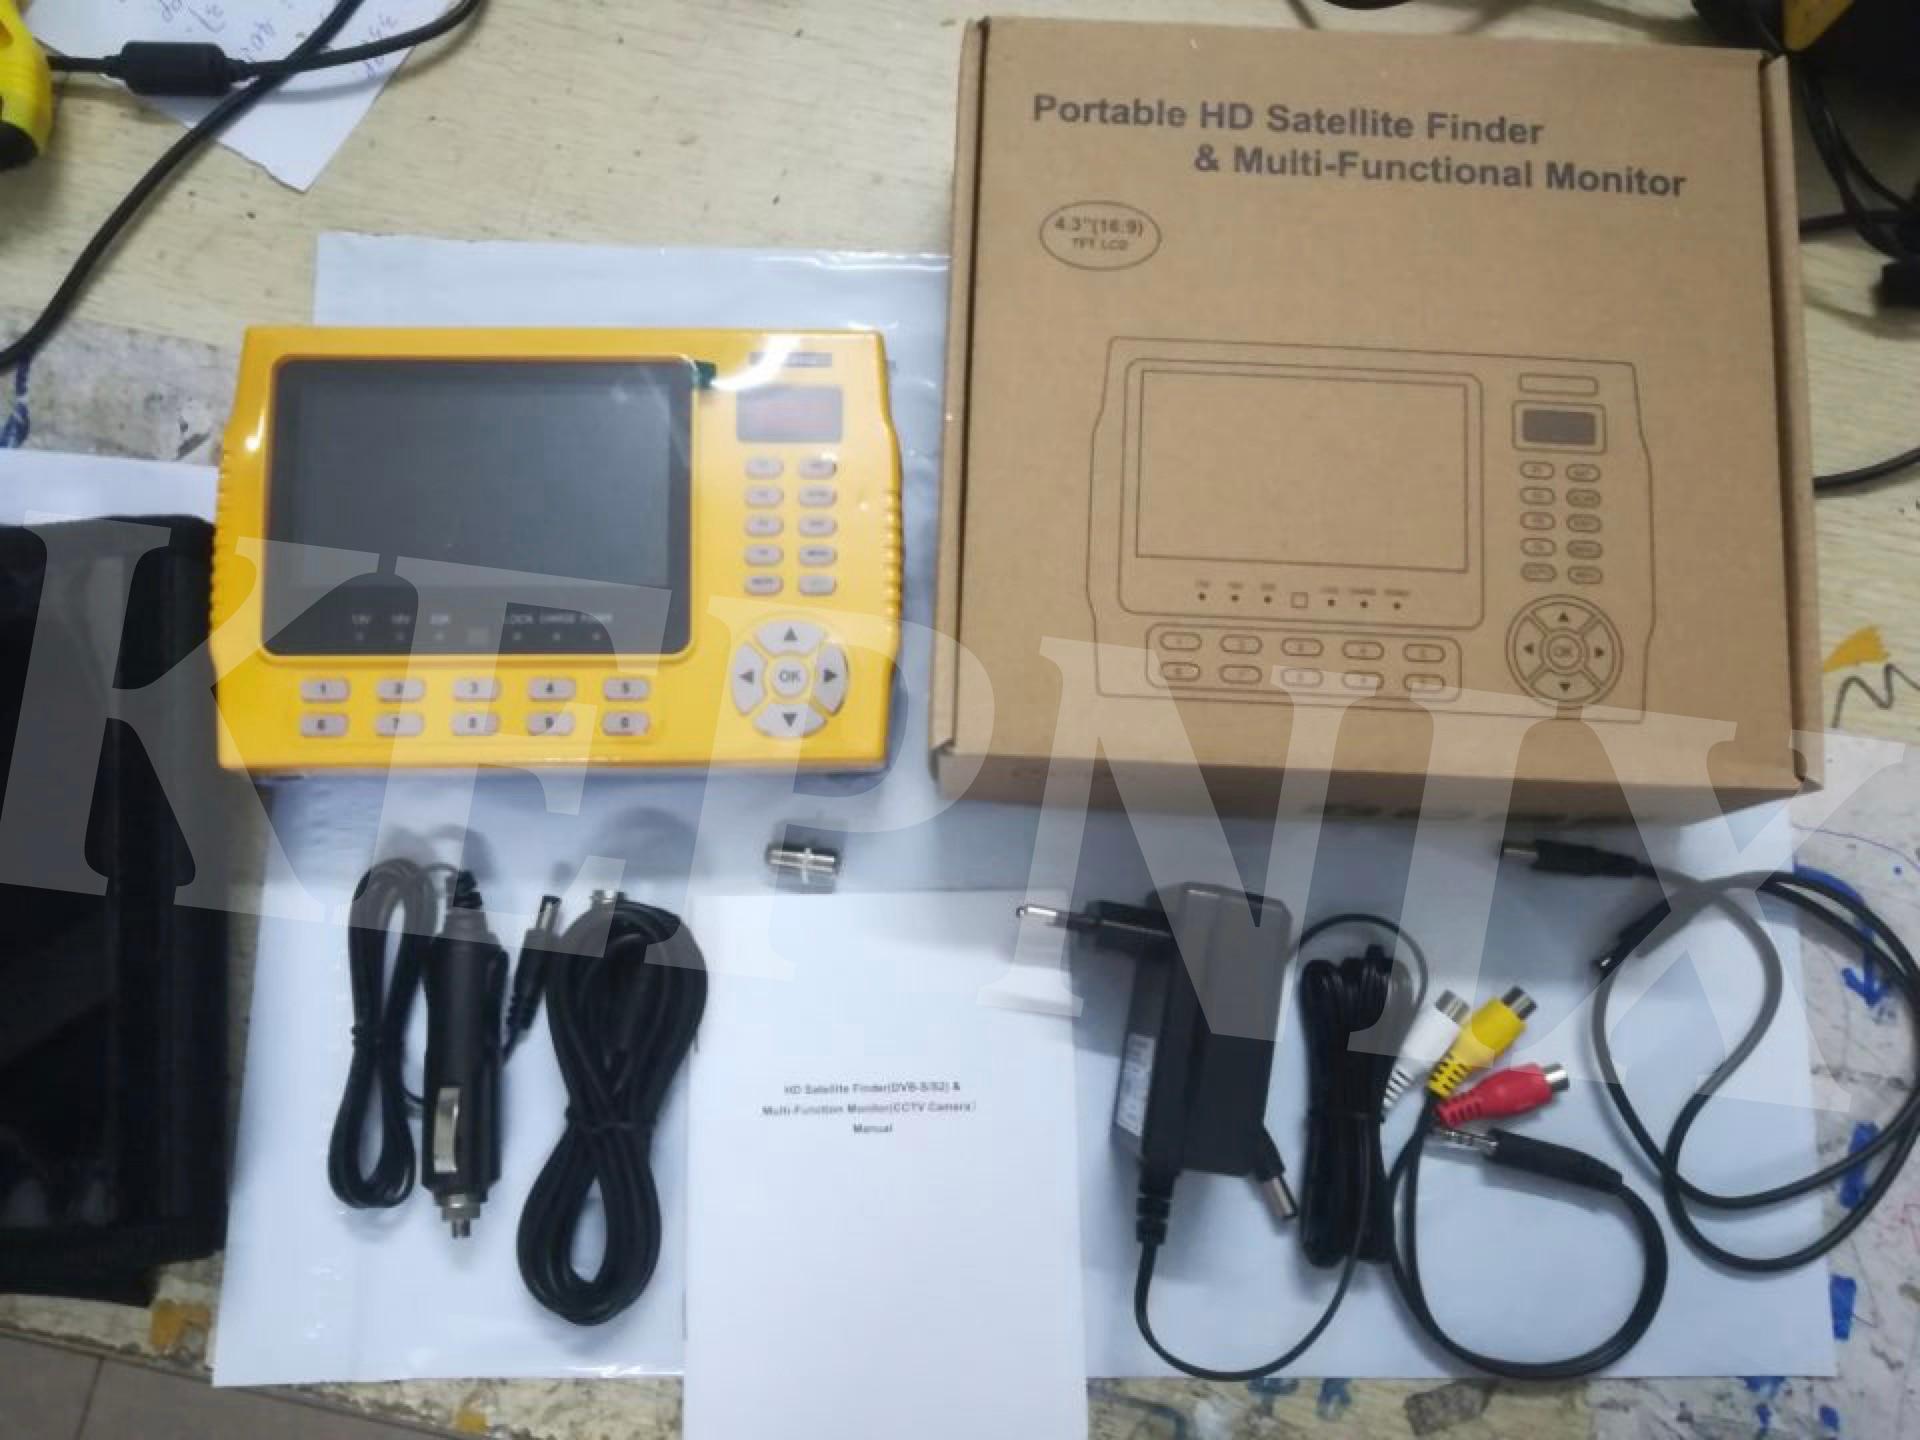 Kpt 958l pantalla LCD de 4,3 pulgadas satlink kpt 958l DVB S2 buscador de satélite MPEG4 satfinder Metro hd 1080p-in Receptor de TV por satélite from Productos electrónicos    1